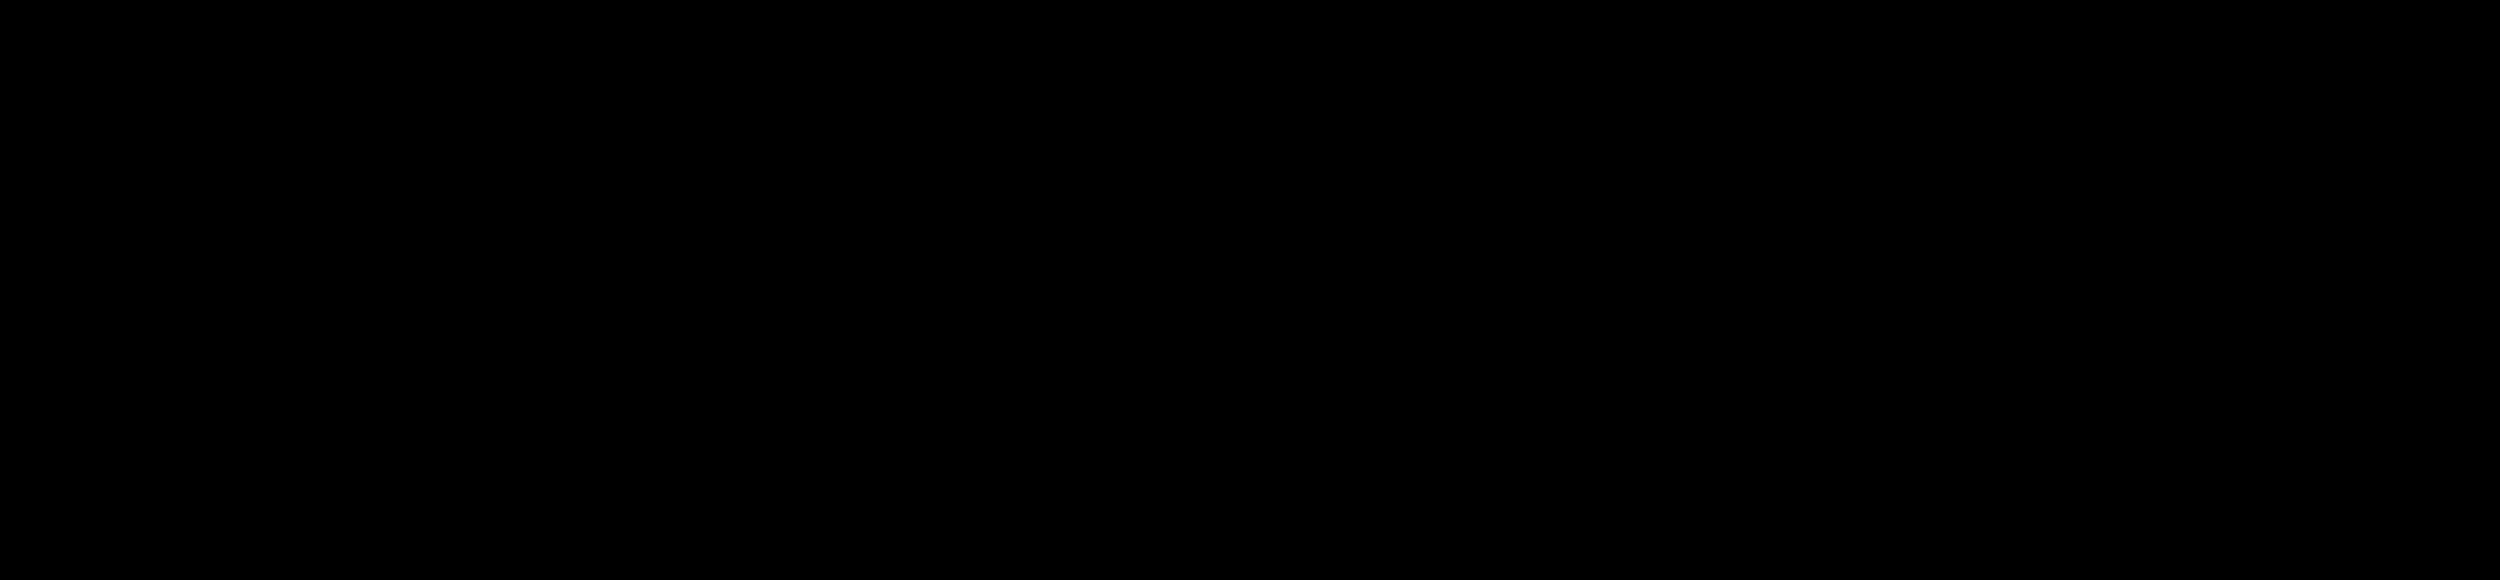 FullTimeHotels_Logo.png